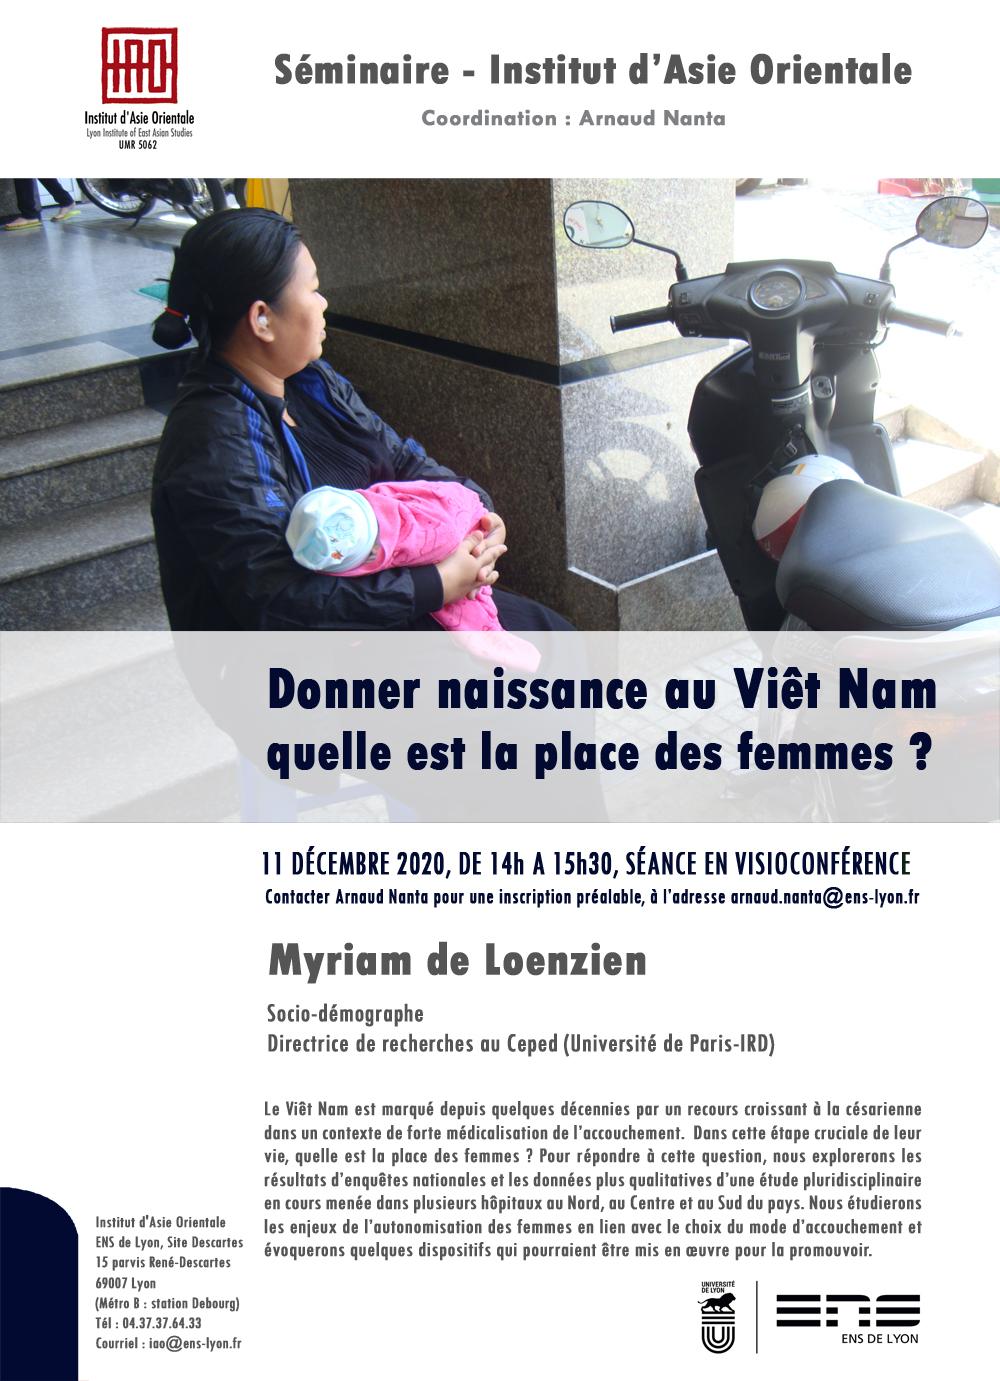 Séminaire de l'IAO. « Donner naissance au Viêt Nam : quelle est la place des femmes ? »